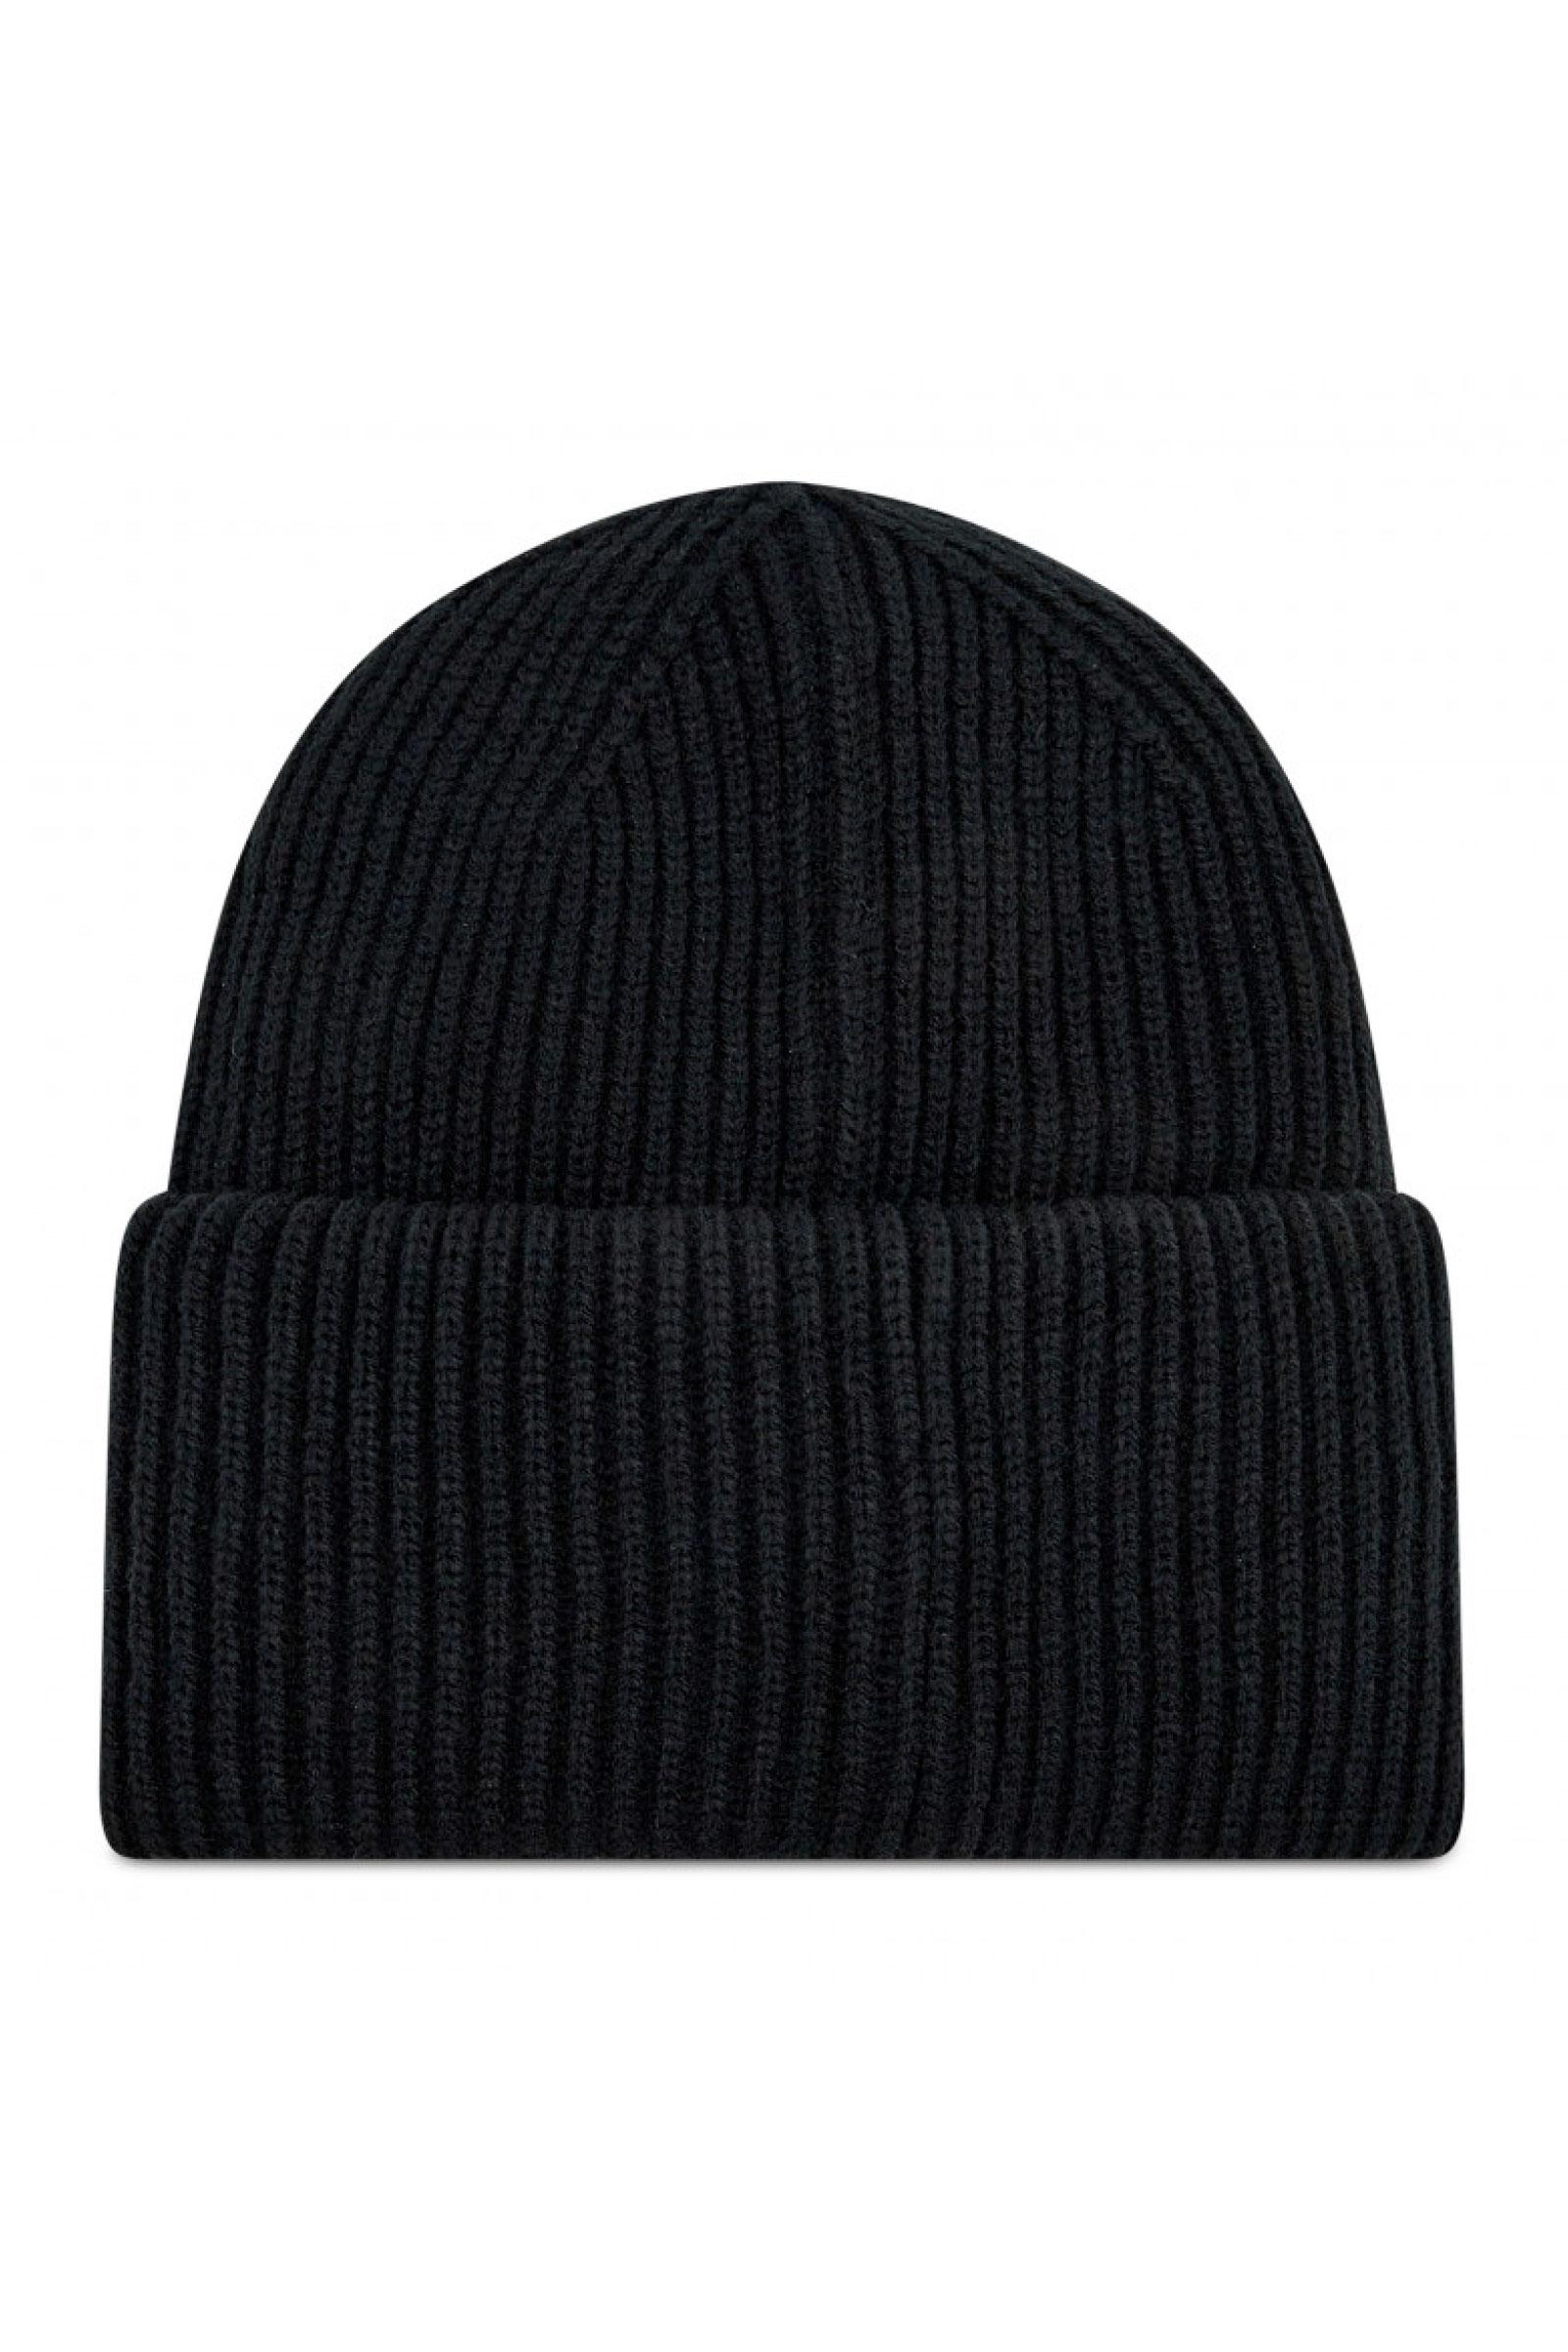 Cappello Uomo ARMANI EA7   Cappello   274906 1A30200020